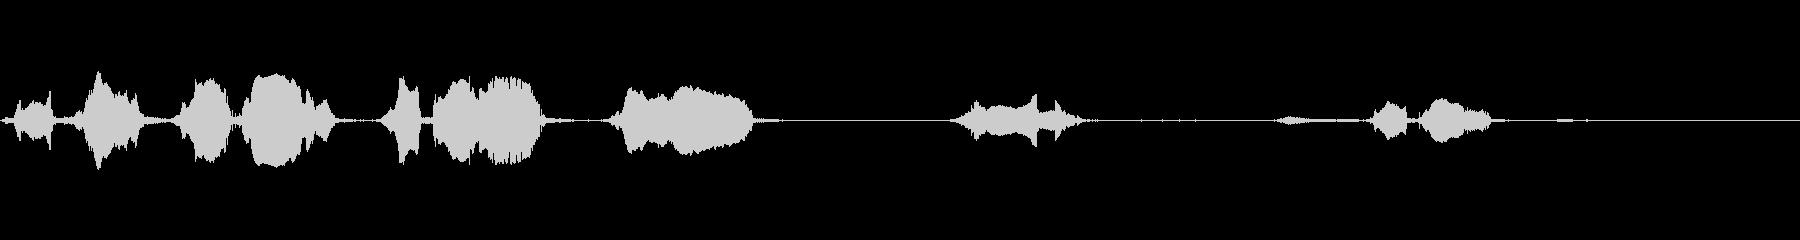 大西洋のイルカ:鳴き声、動物クジラ...の未再生の波形